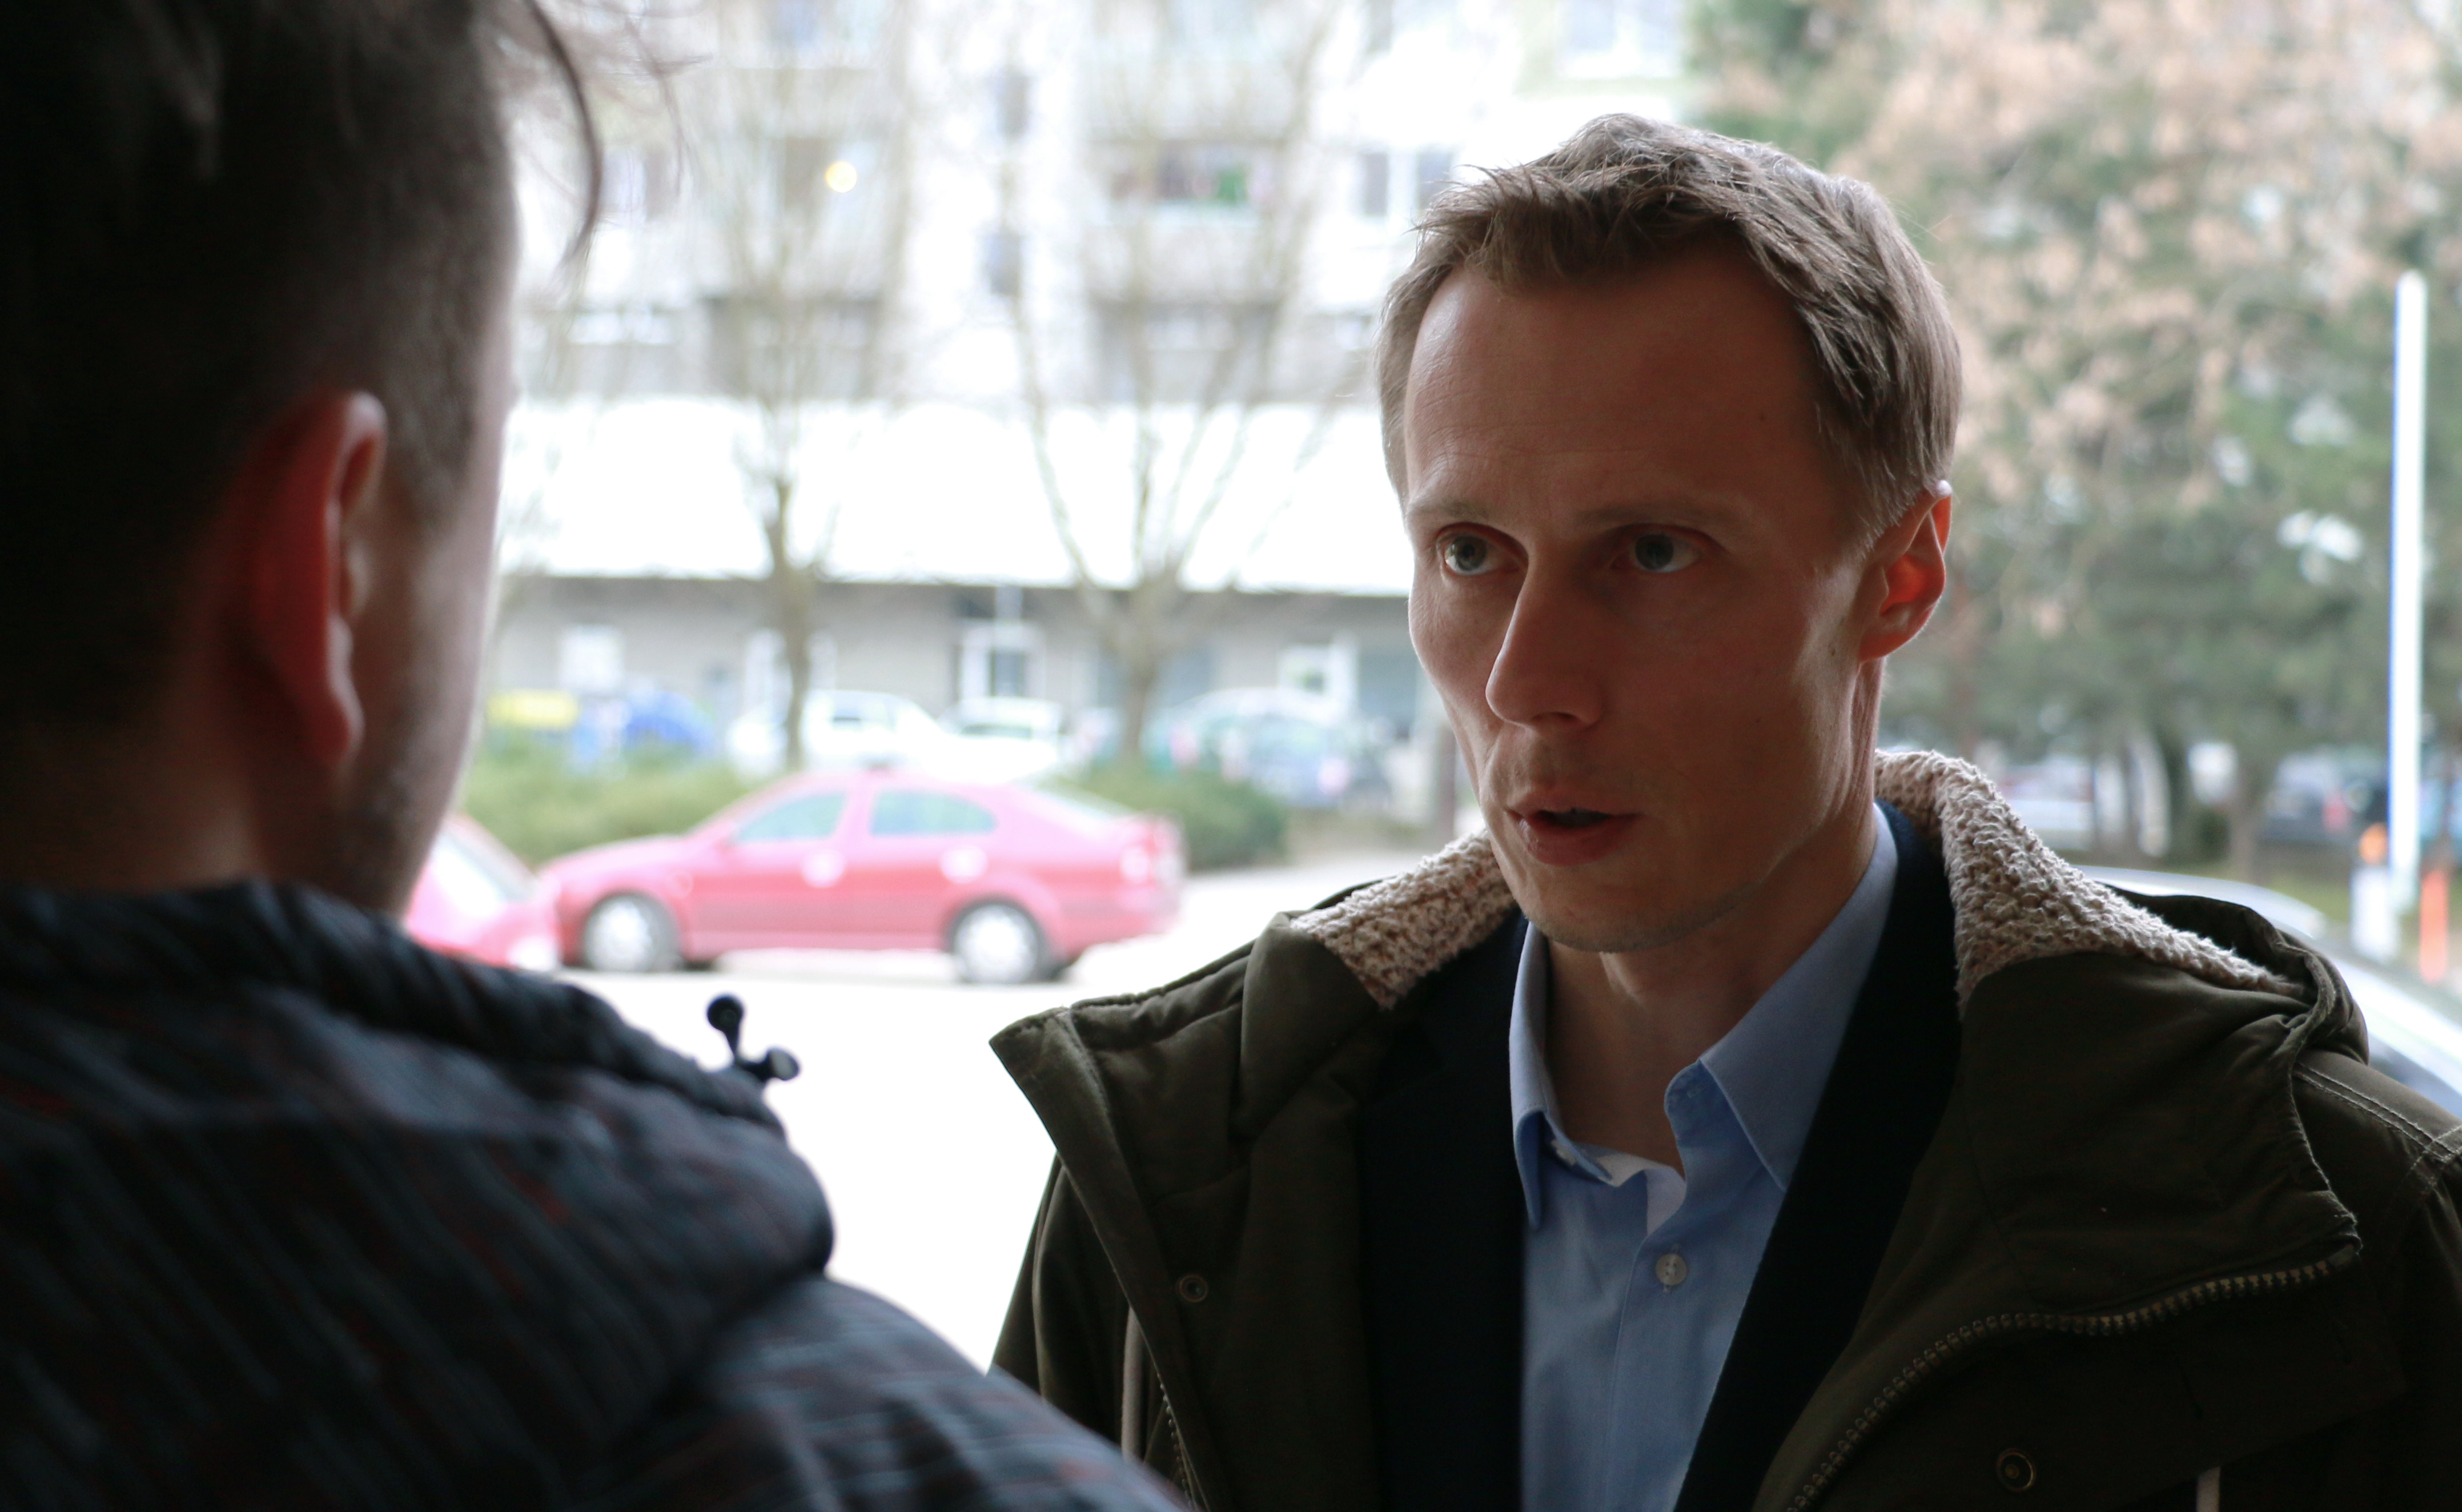 Marek Vagovič: Naši čitatelia oceňujú, že vieme vysvetliť zložité kauzy jednoduchým spôsobom